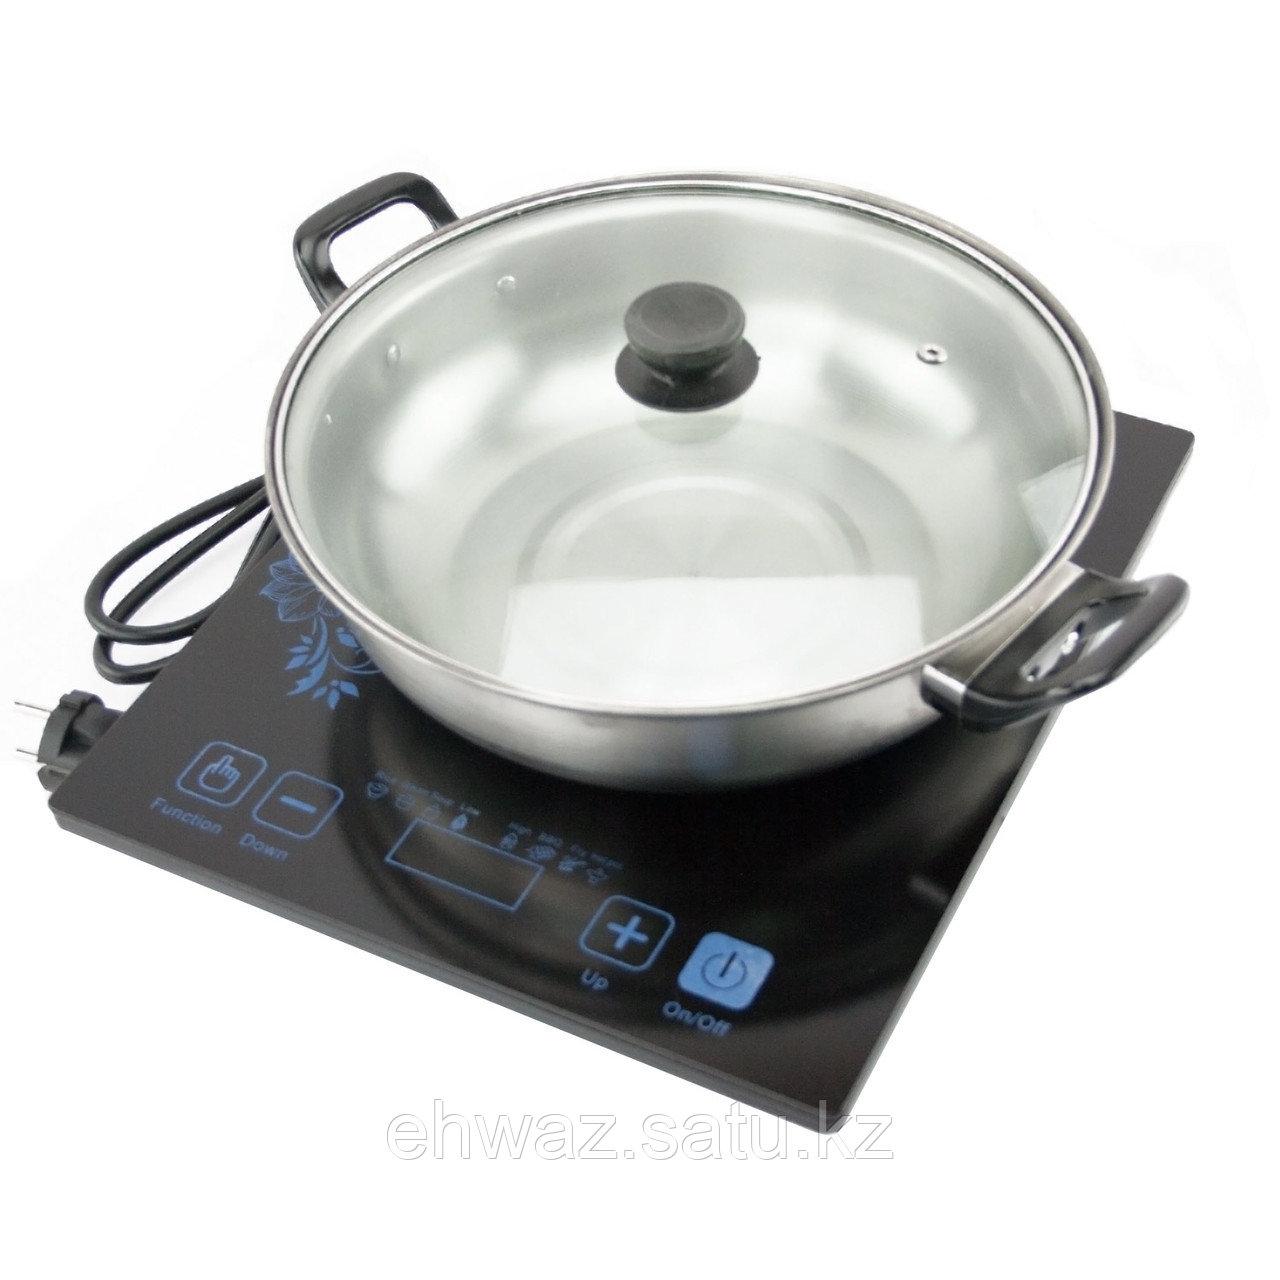 Индукционная плита портативная на 1 конфорку